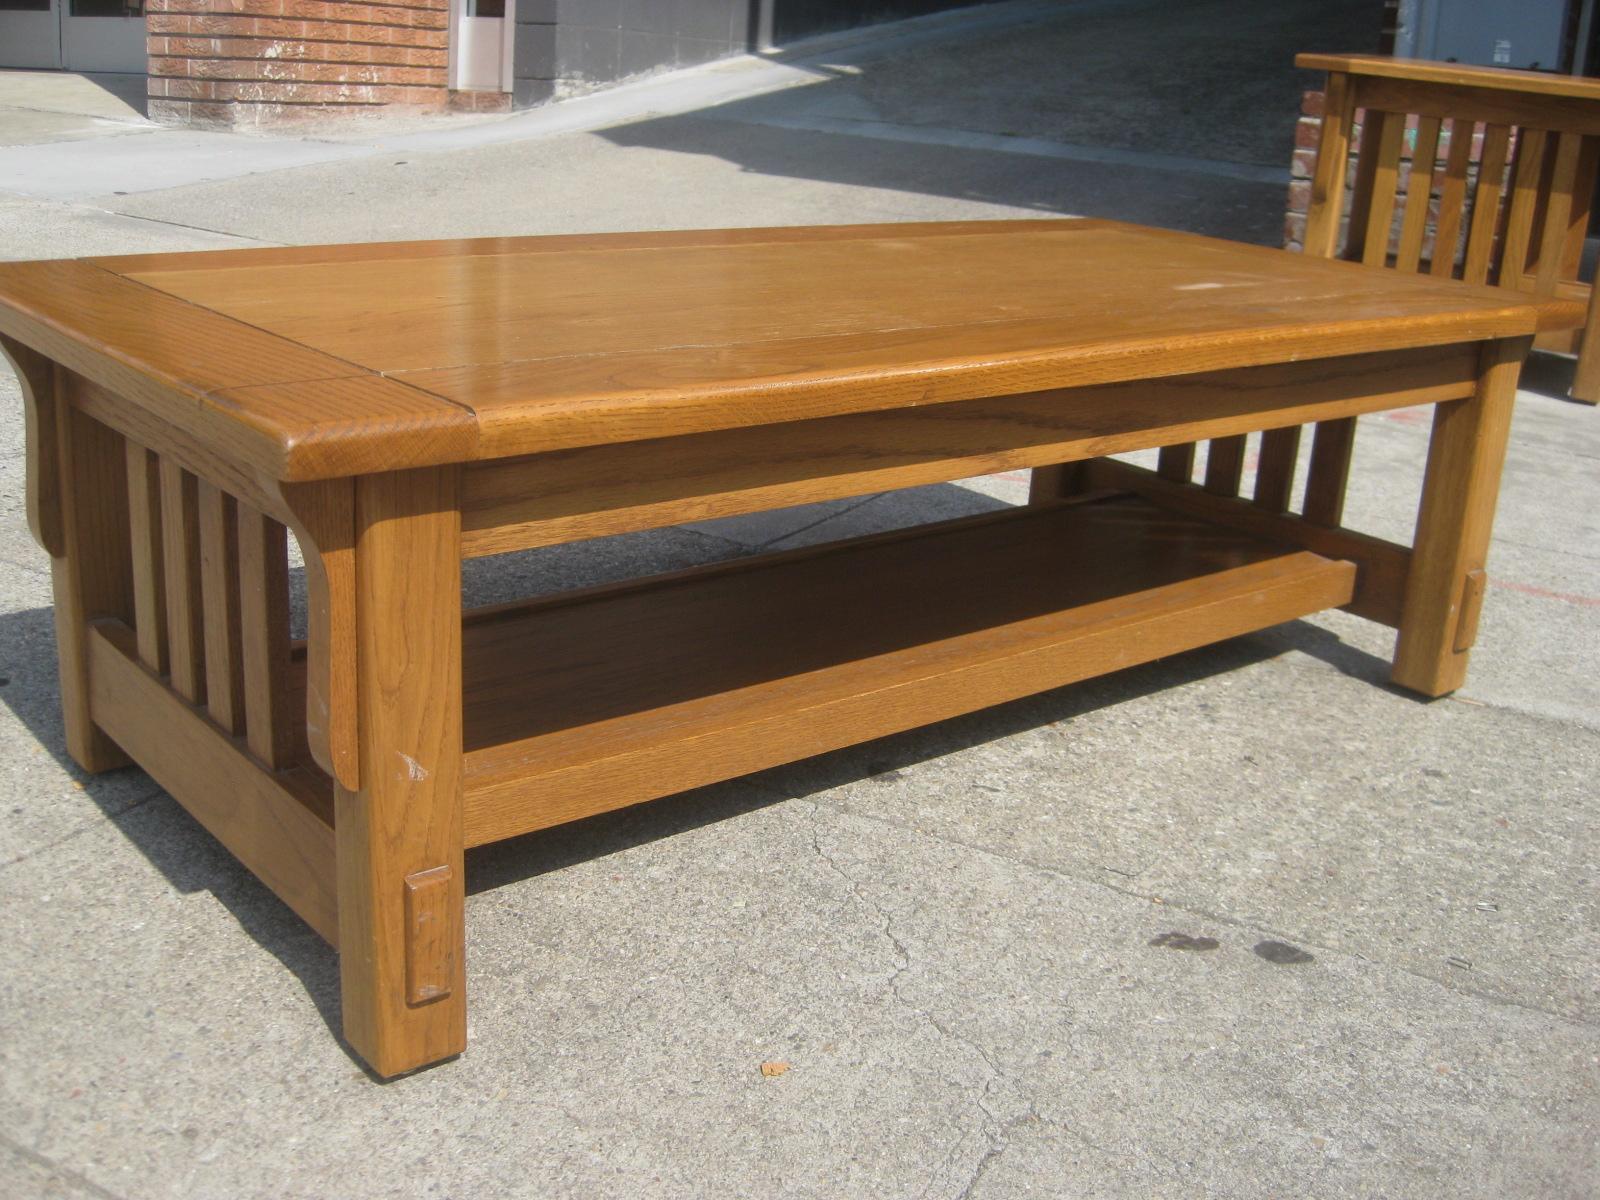 mission style coffee table UHURU FURNITURE & COLLECTIBLES: SOLD   Mission Style Coffee Table  mission style coffee table